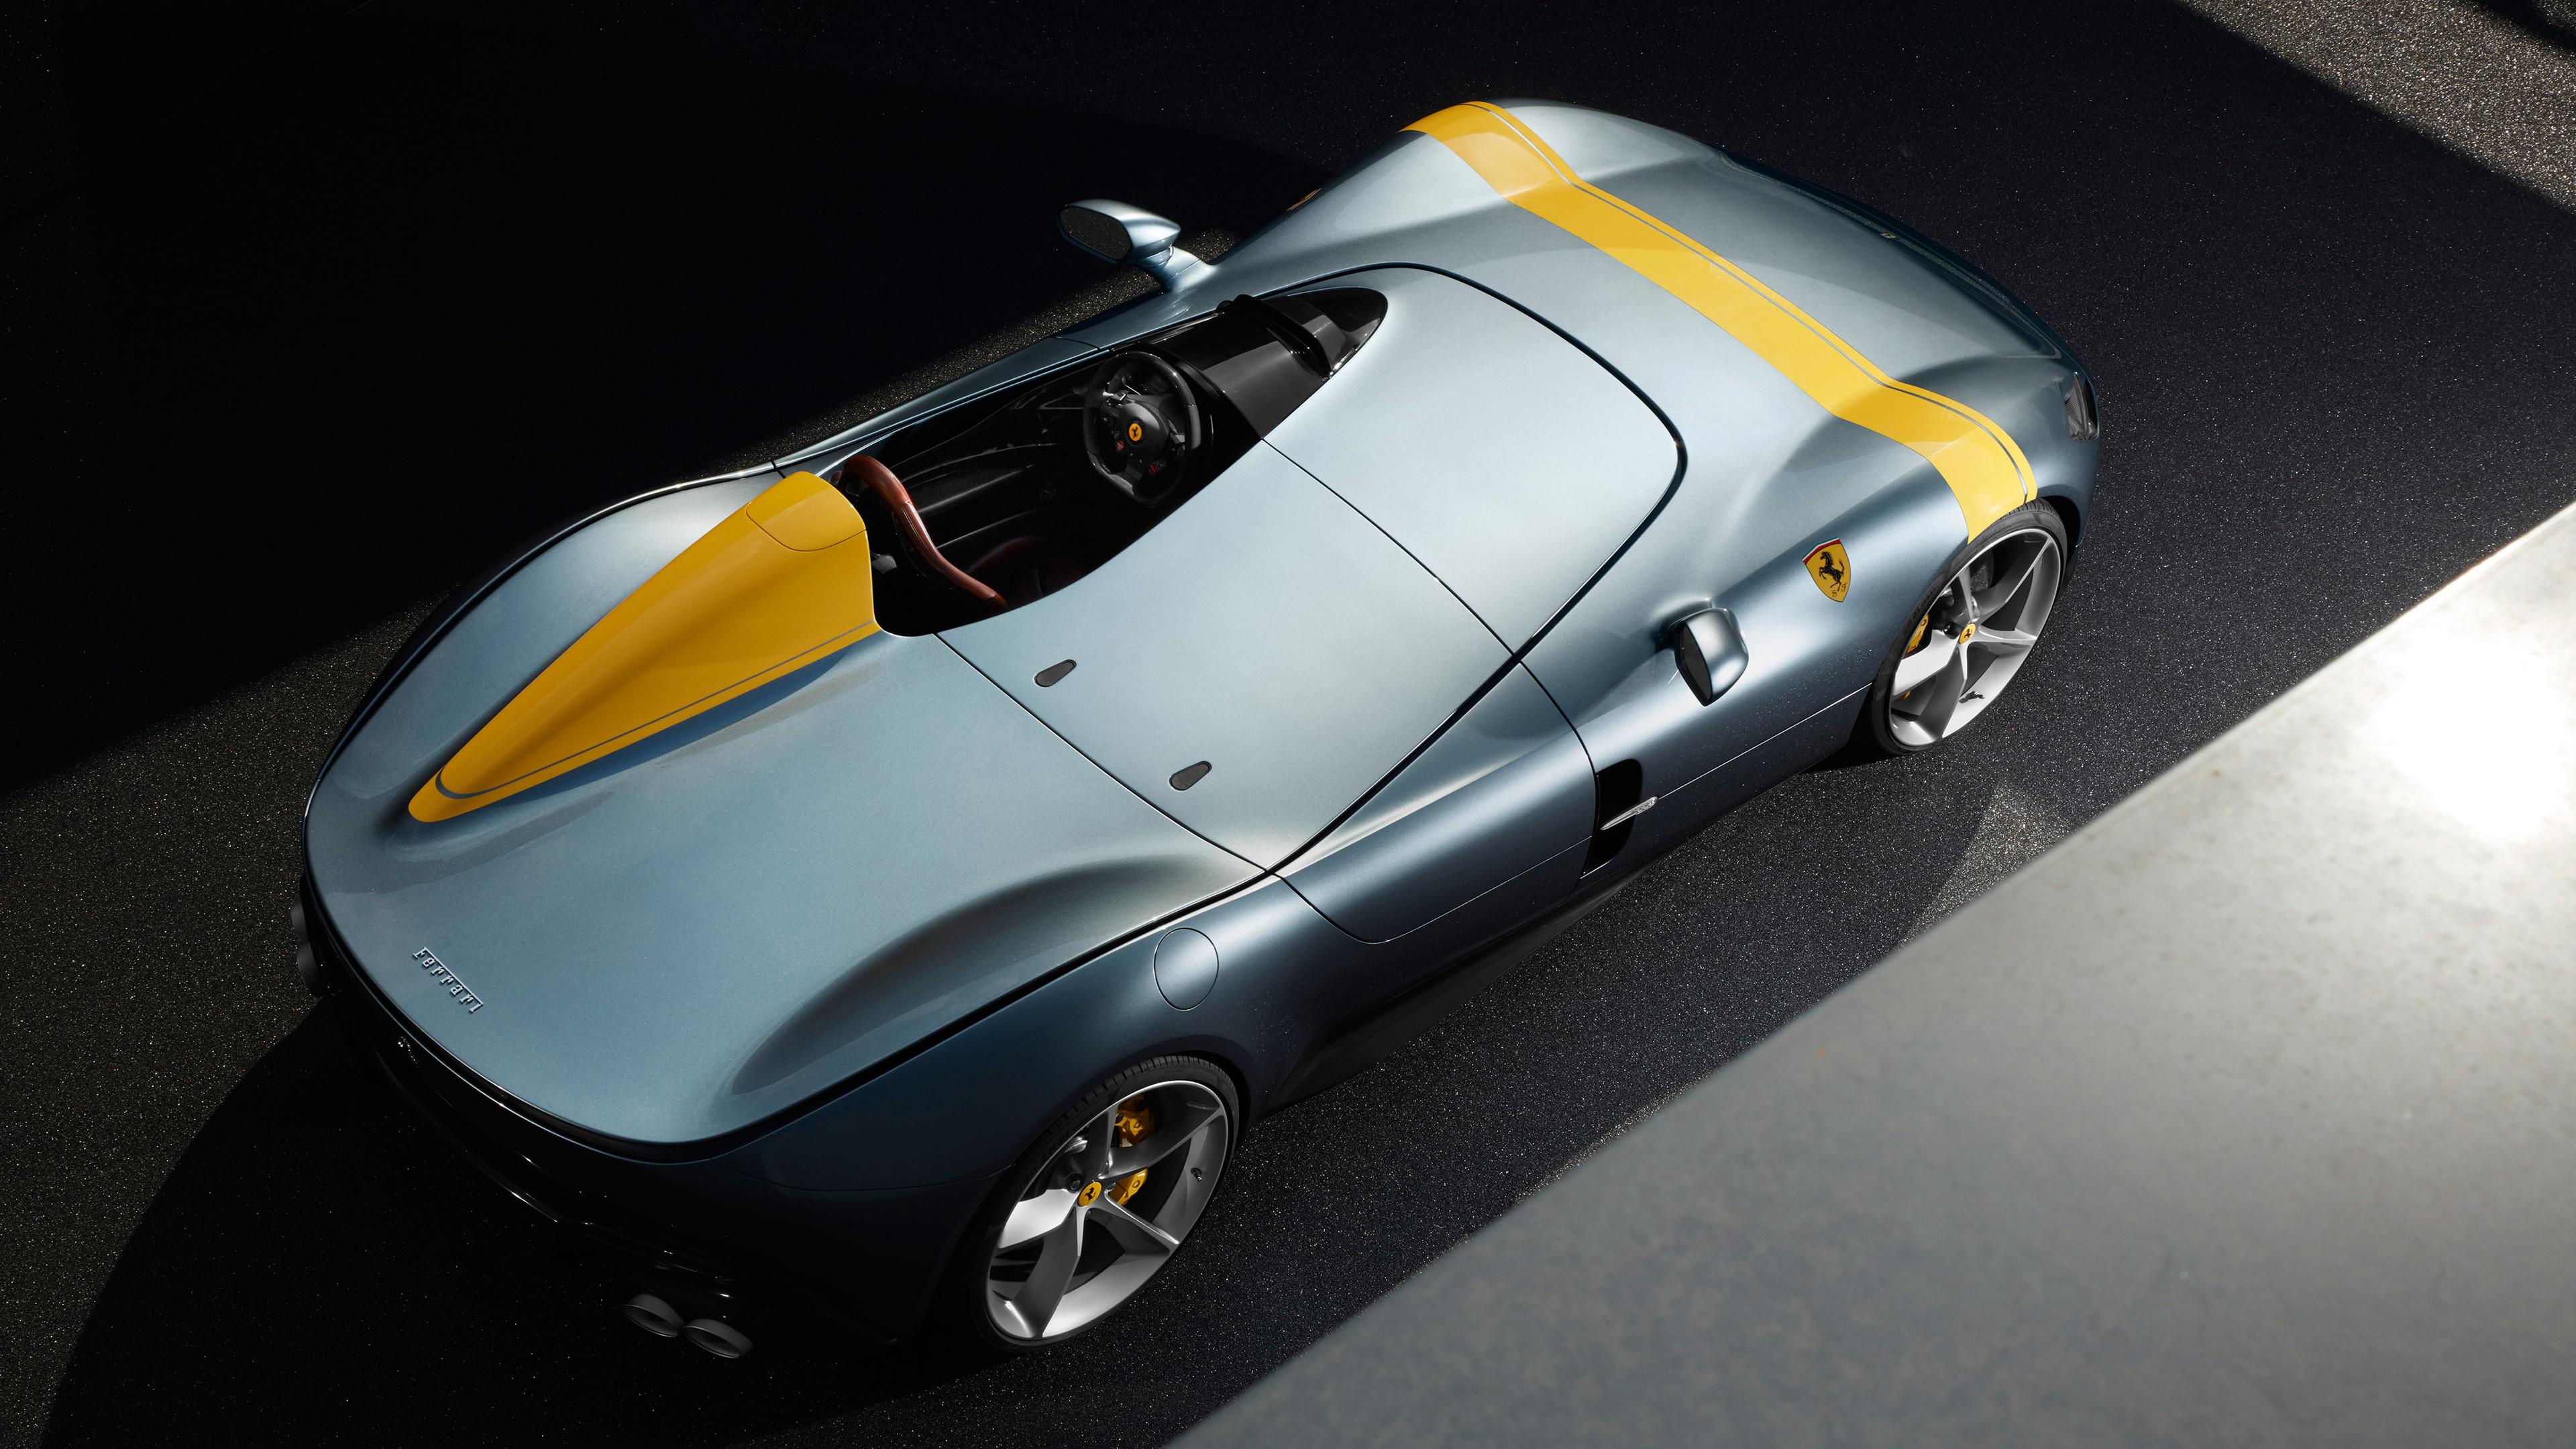 ferrari monza sp1 2018 4k 1539114742 - Ferrari Monza SP1 2018 4k - hd-wallpapers, ferrari wallpapers, ferrari monza sp1 wallpapers, cars wallpapers, 4k-wallpapers, 2018 cars wallpapers